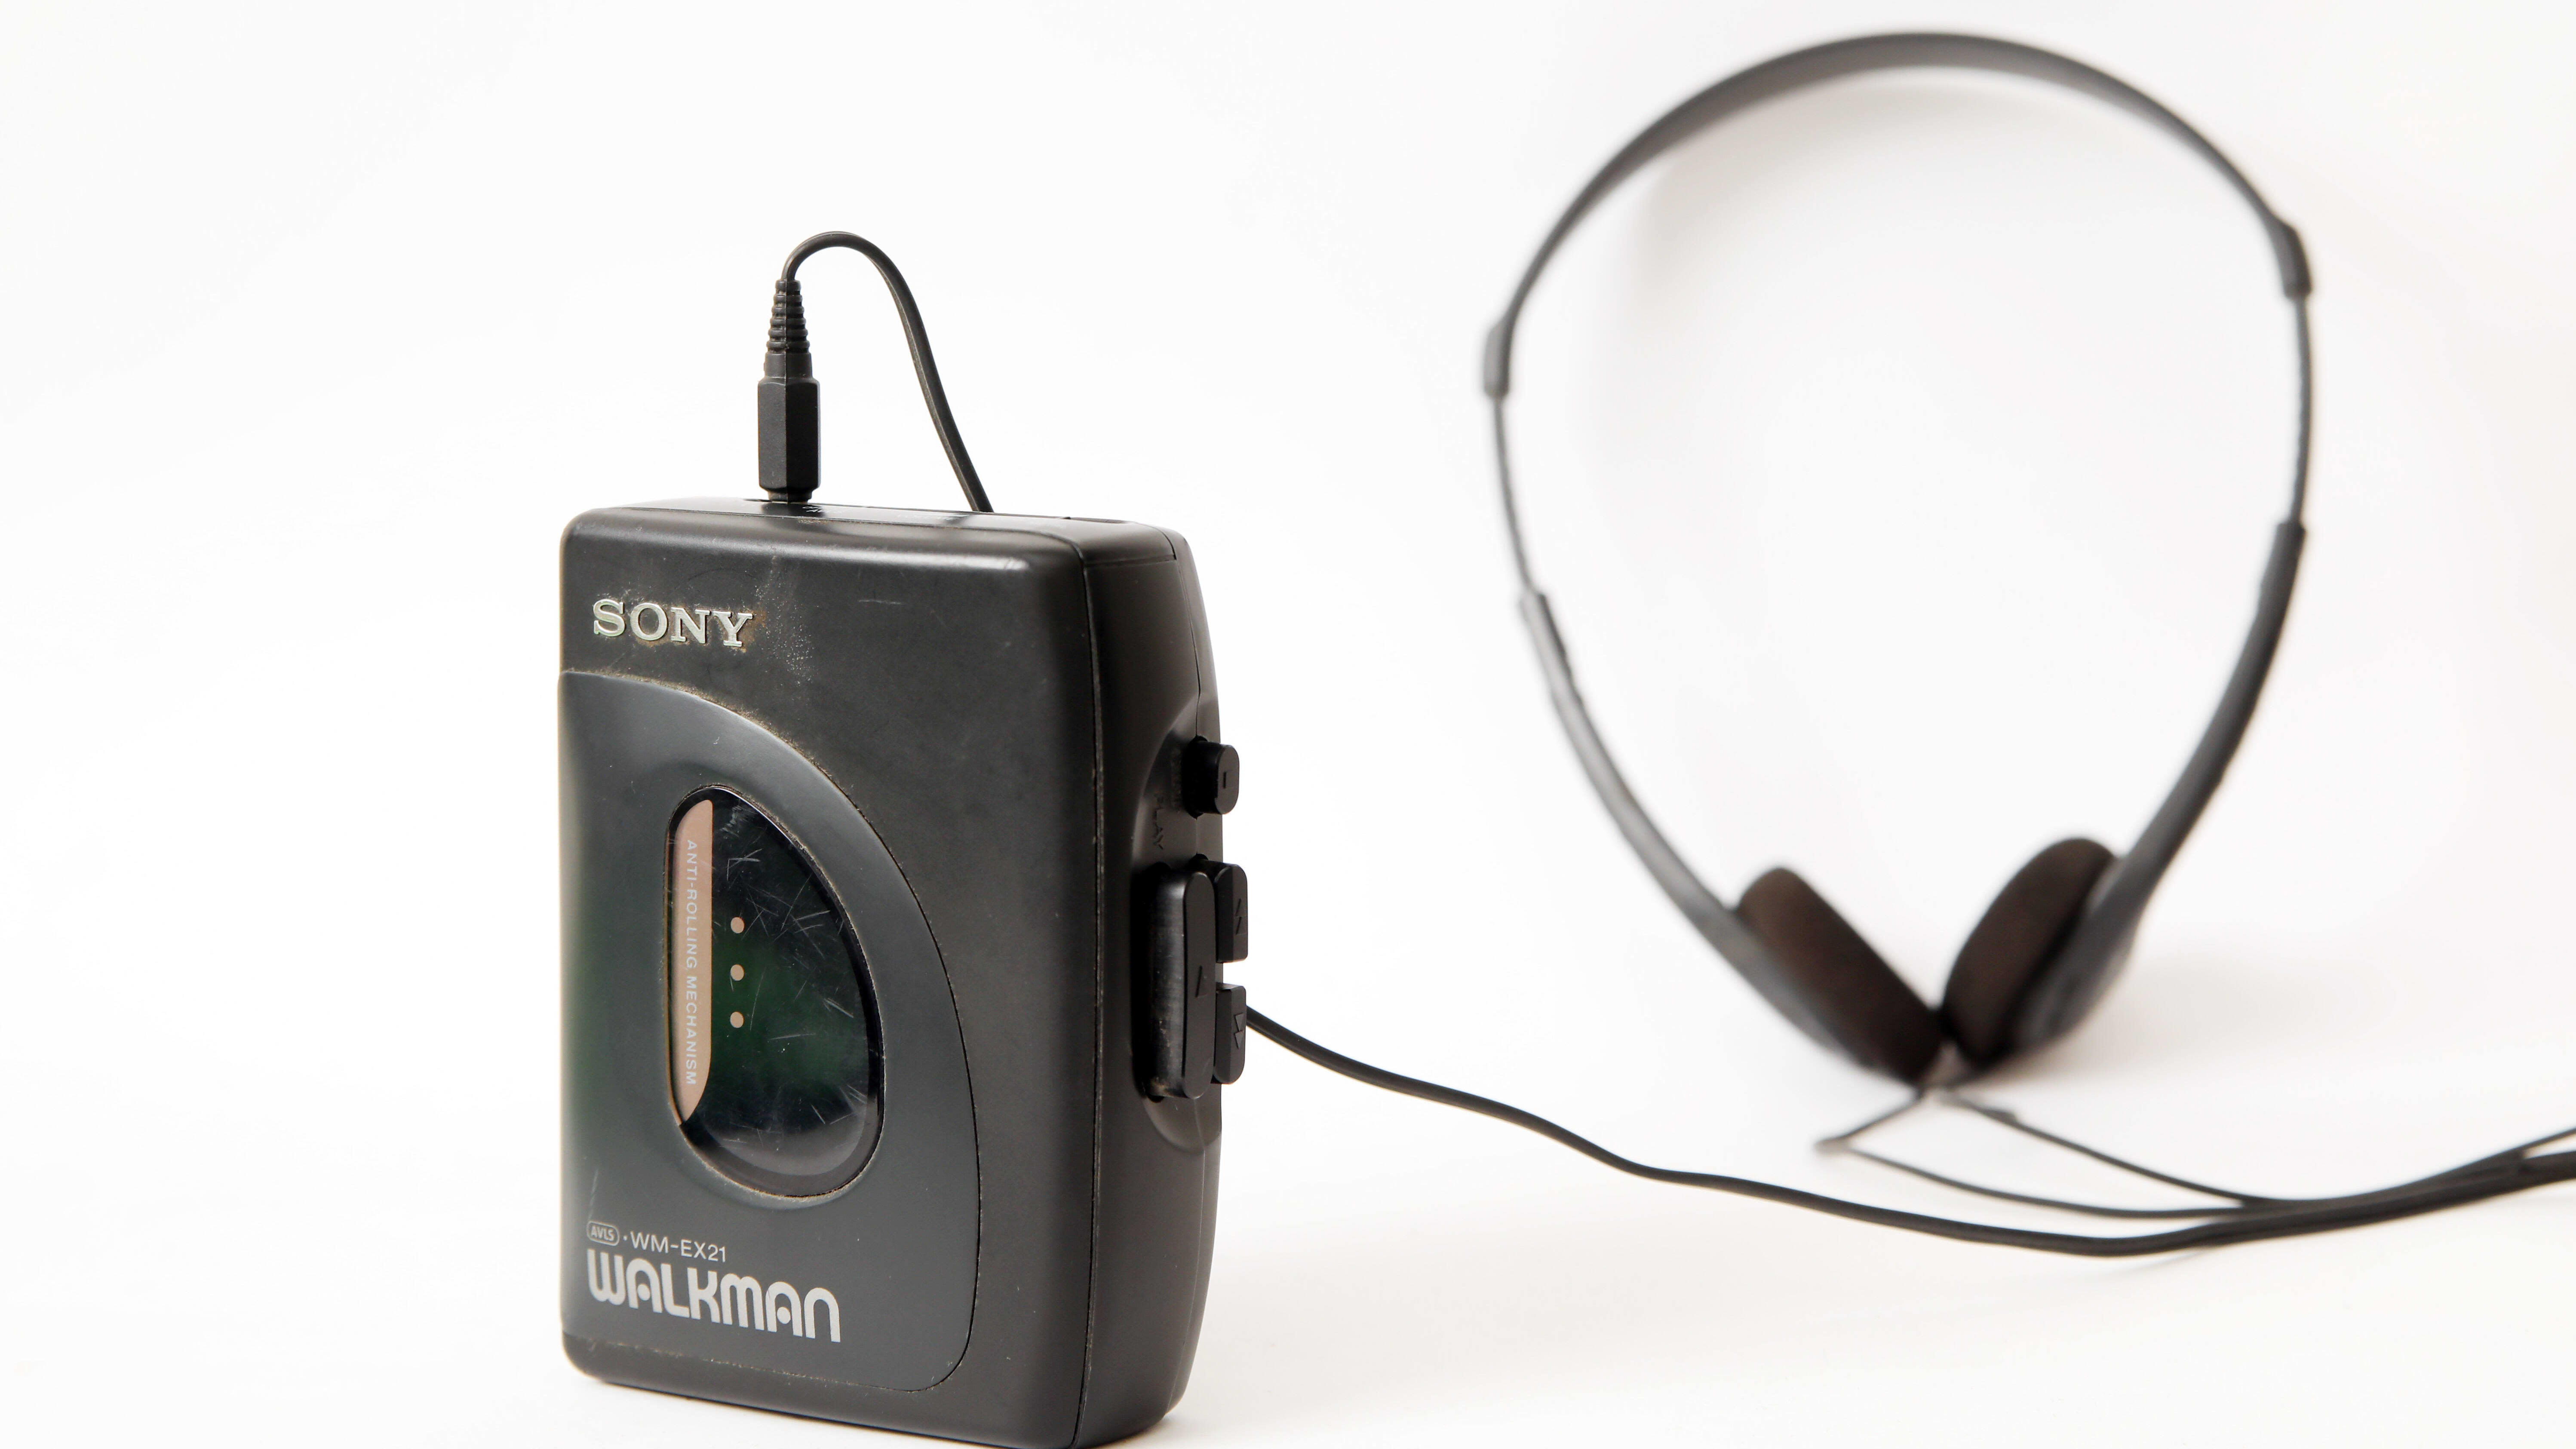 Walkman-korvalappustereot.